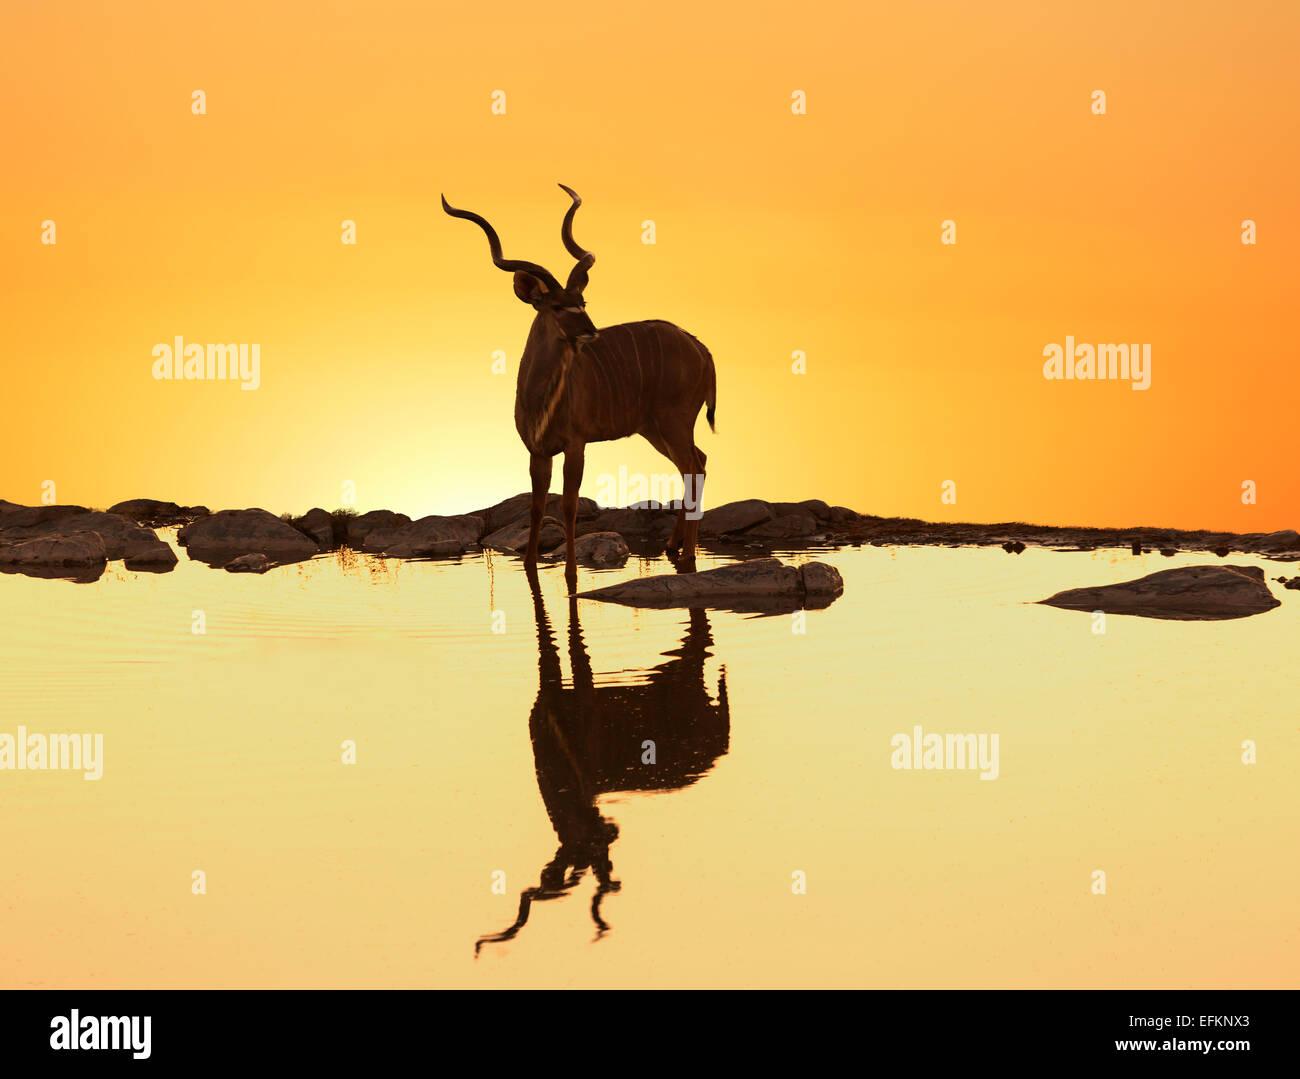 Kudu (Tragelaphus strepsiceros) reflecting in a lake at sunset , Etosha National Park, Namibia - Stock Image